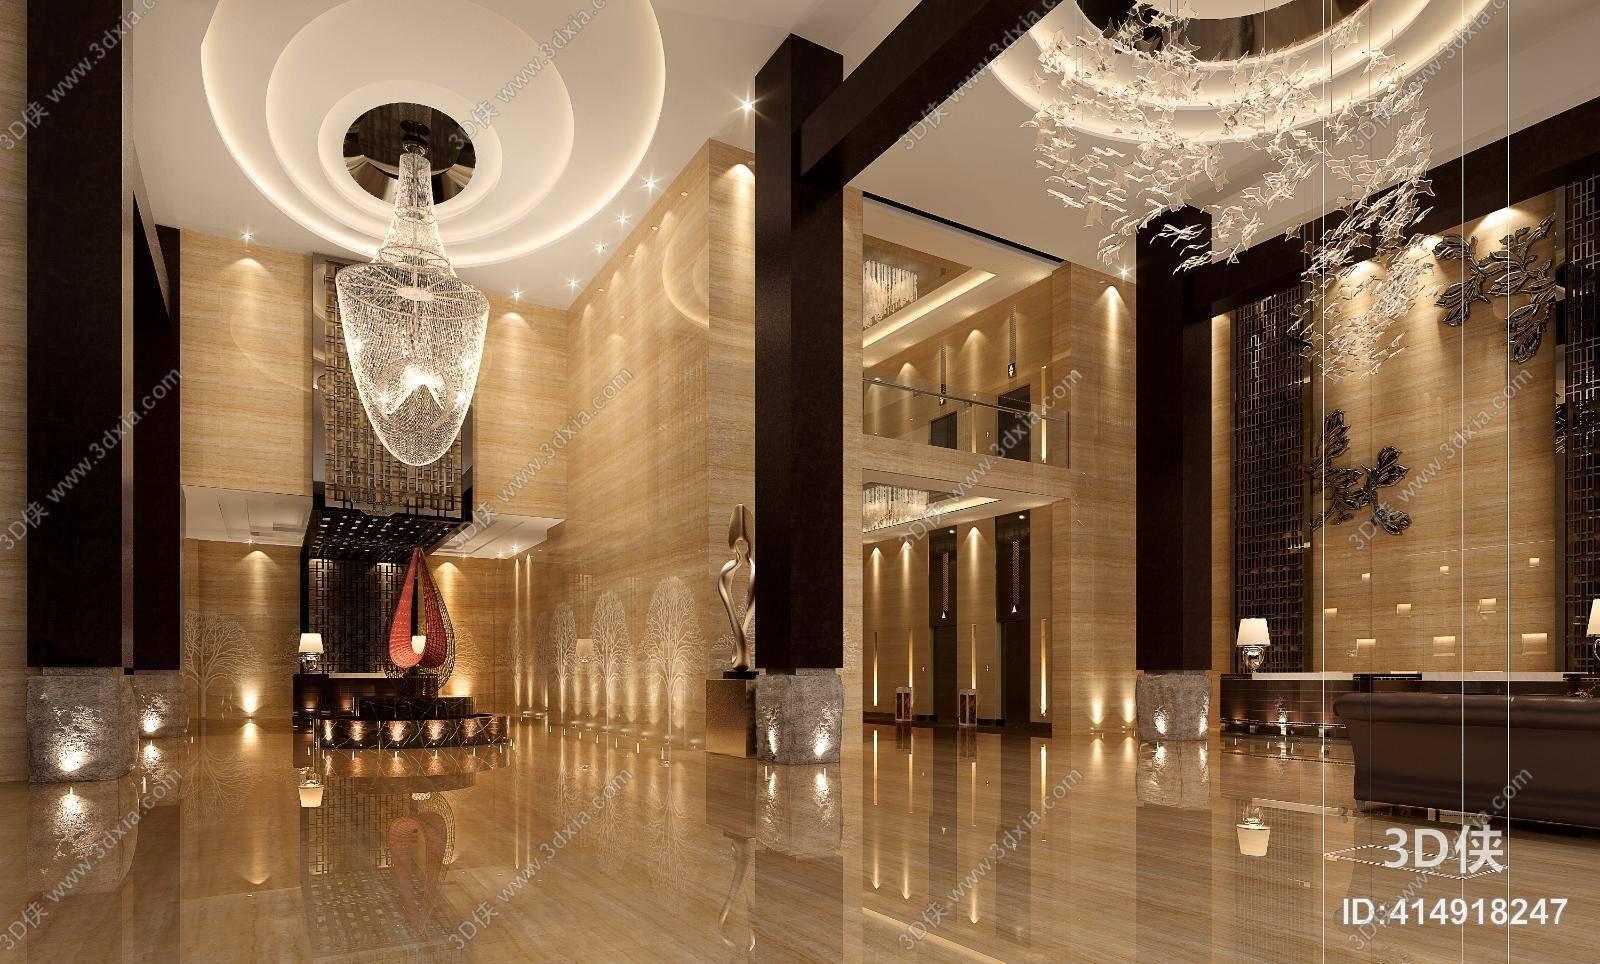 现代酒店大堂 新中式木艺装饰墙 星星型玻璃装饰品挂件